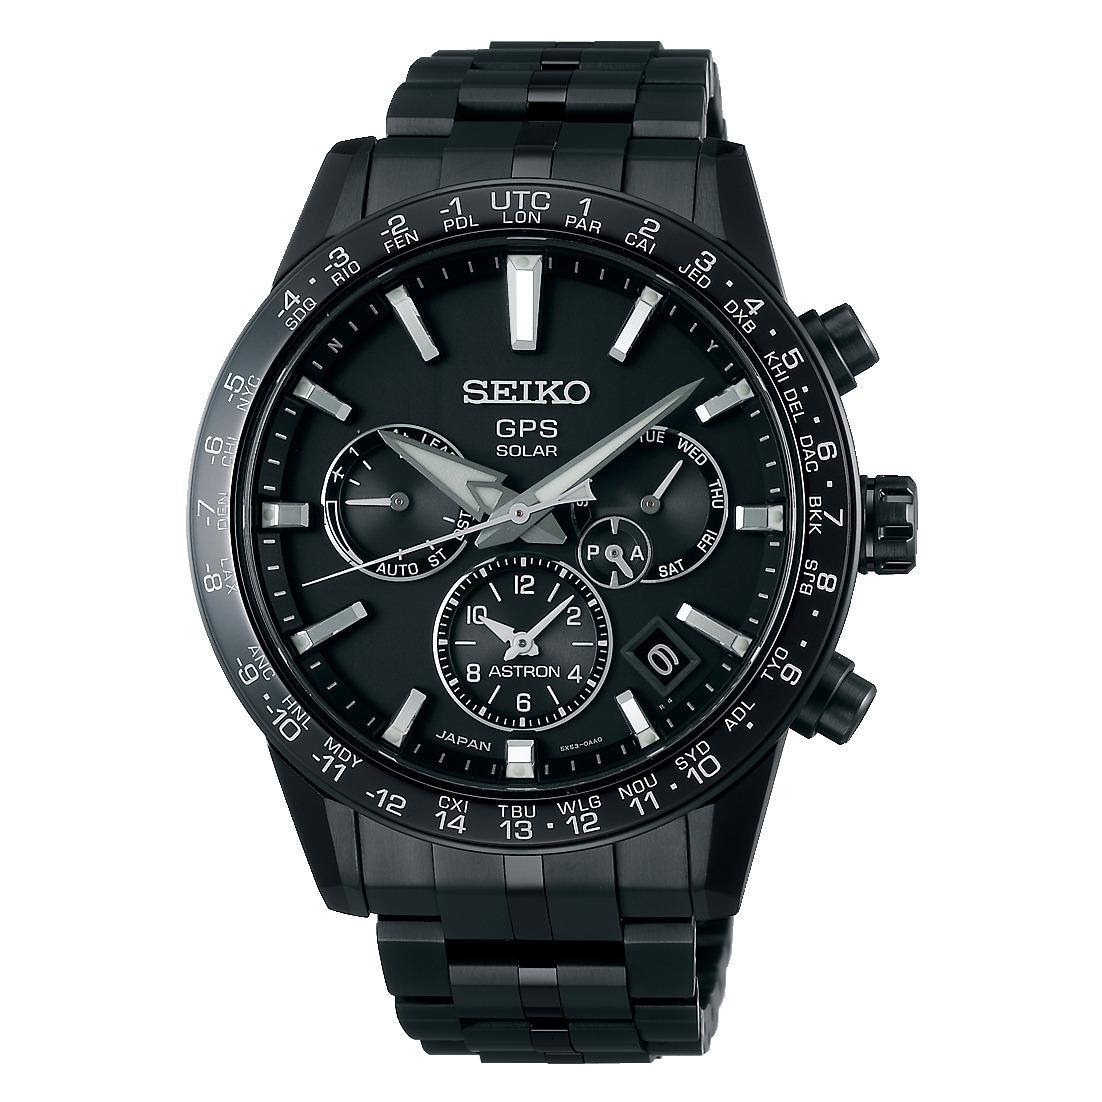 アストロン ASTRON セイコー SEIKO SBXC037 5xシリーズ 正規品 腕時計